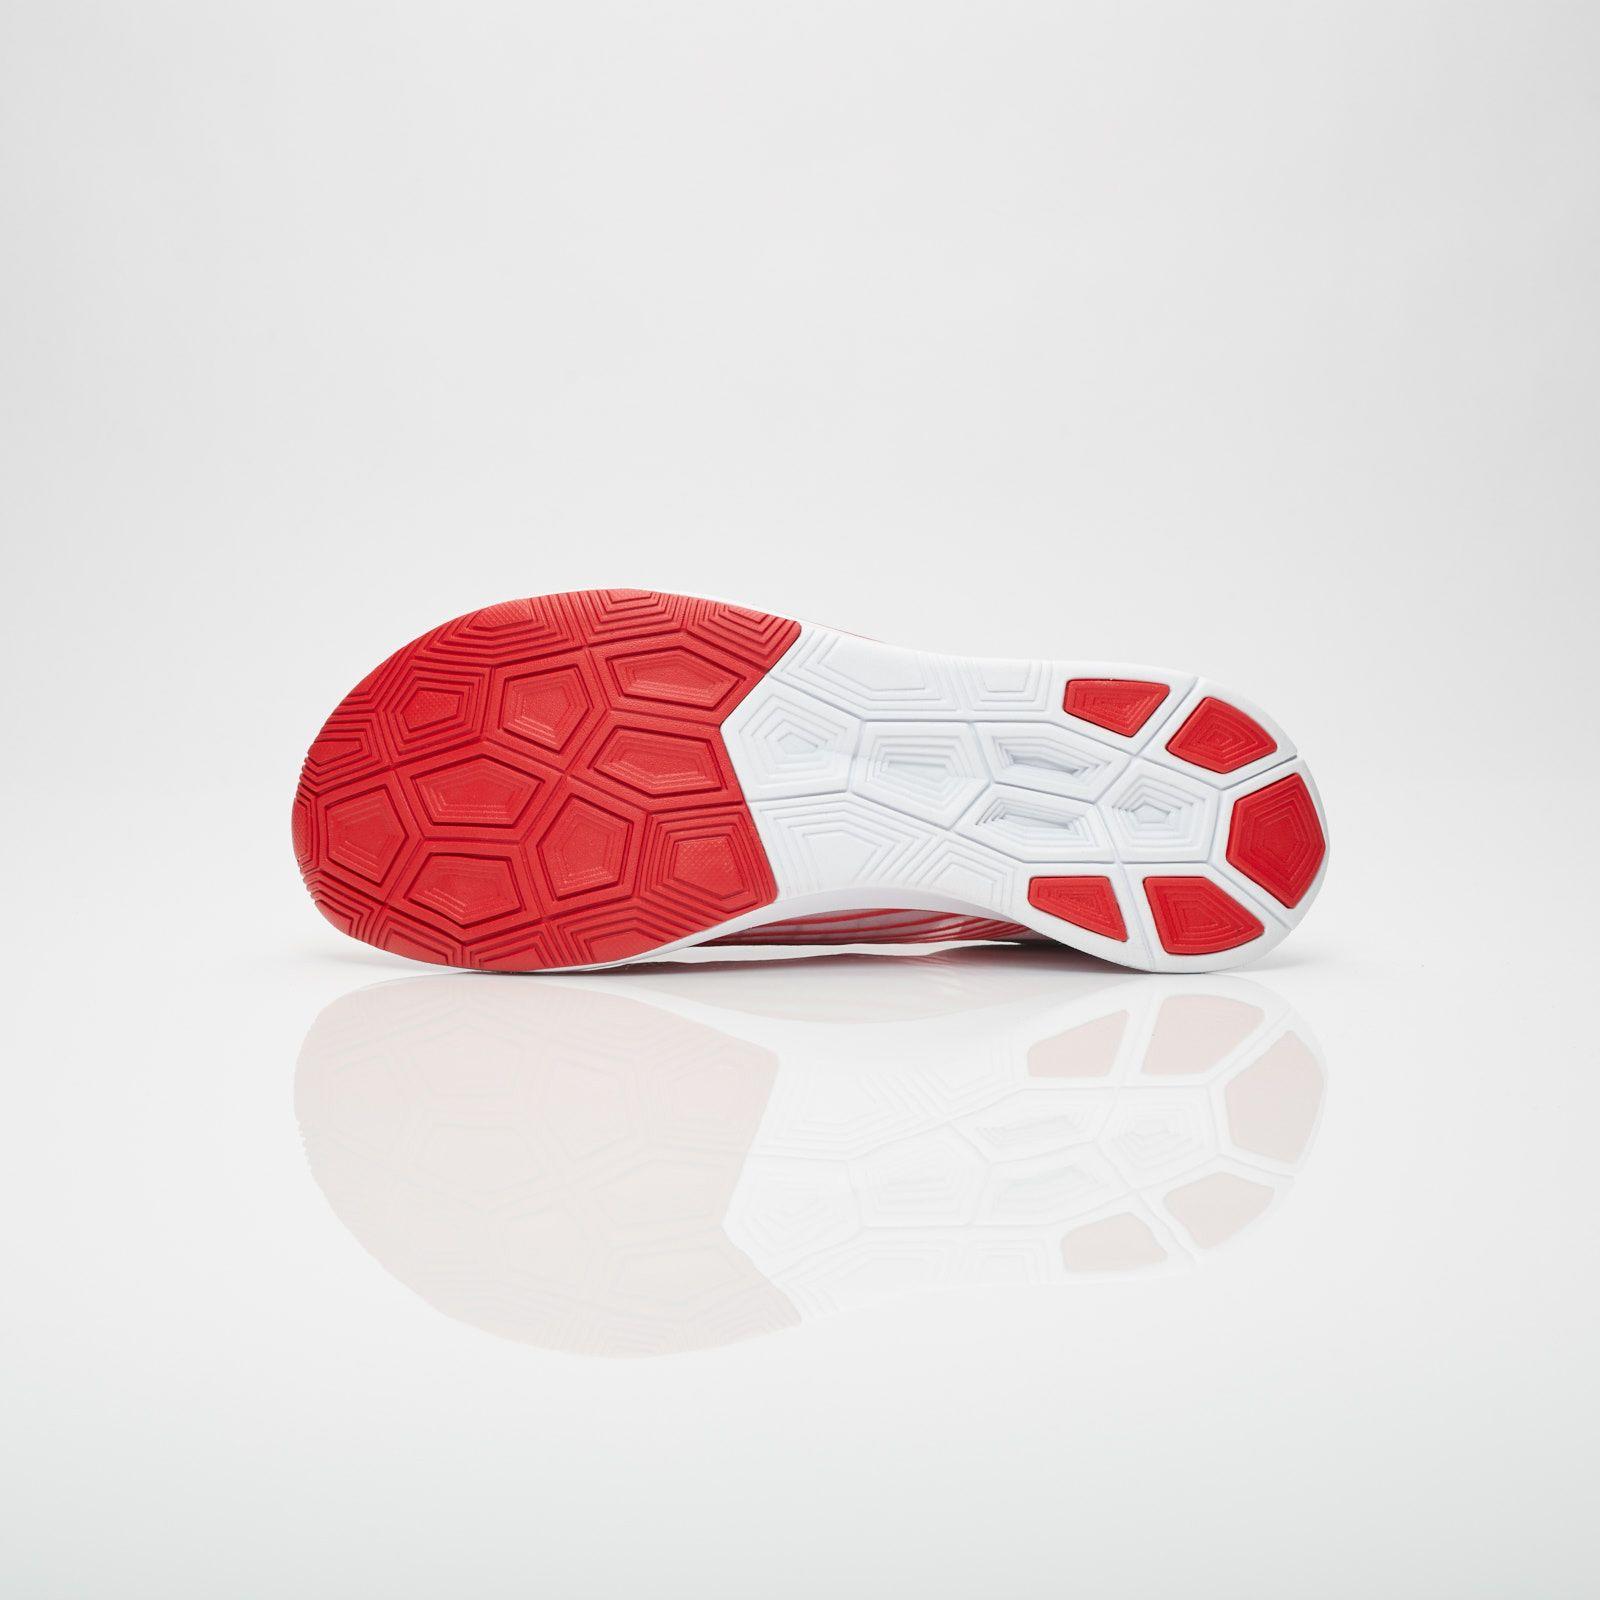 Nike Zoom Fly SP Aj9282 100 Sneakersnstuff | sneakers